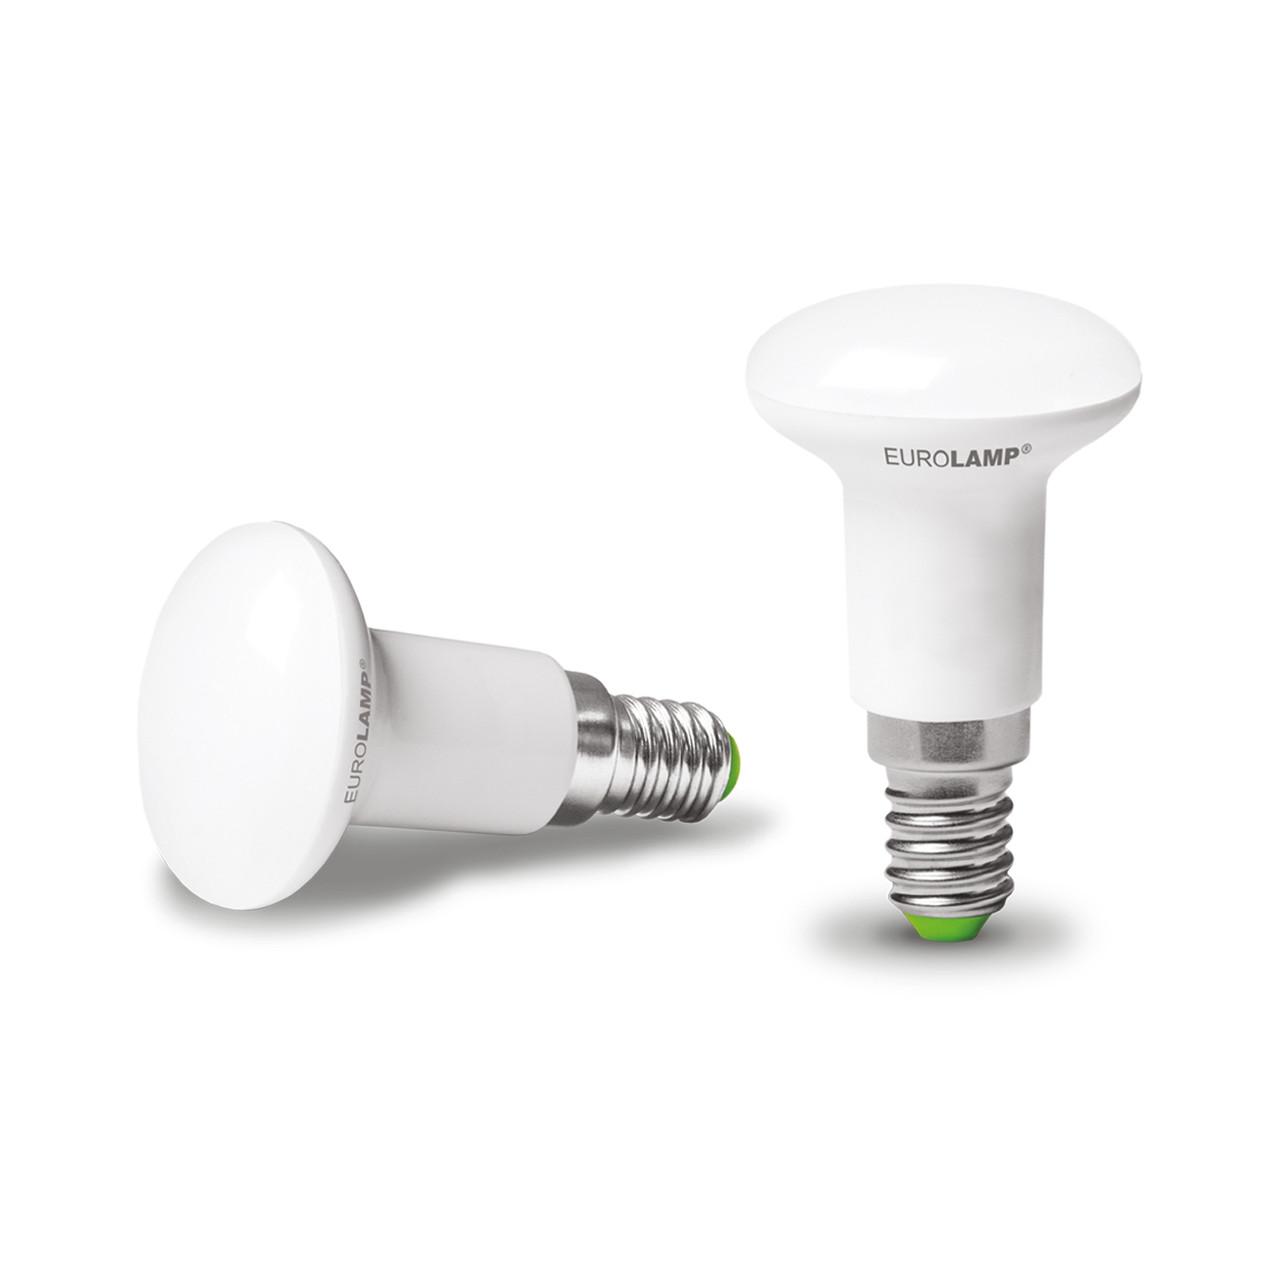 """EUROLAMP LED Лампа ЕКО серия """"D"""" R39 5W E14 Рефлектор"""